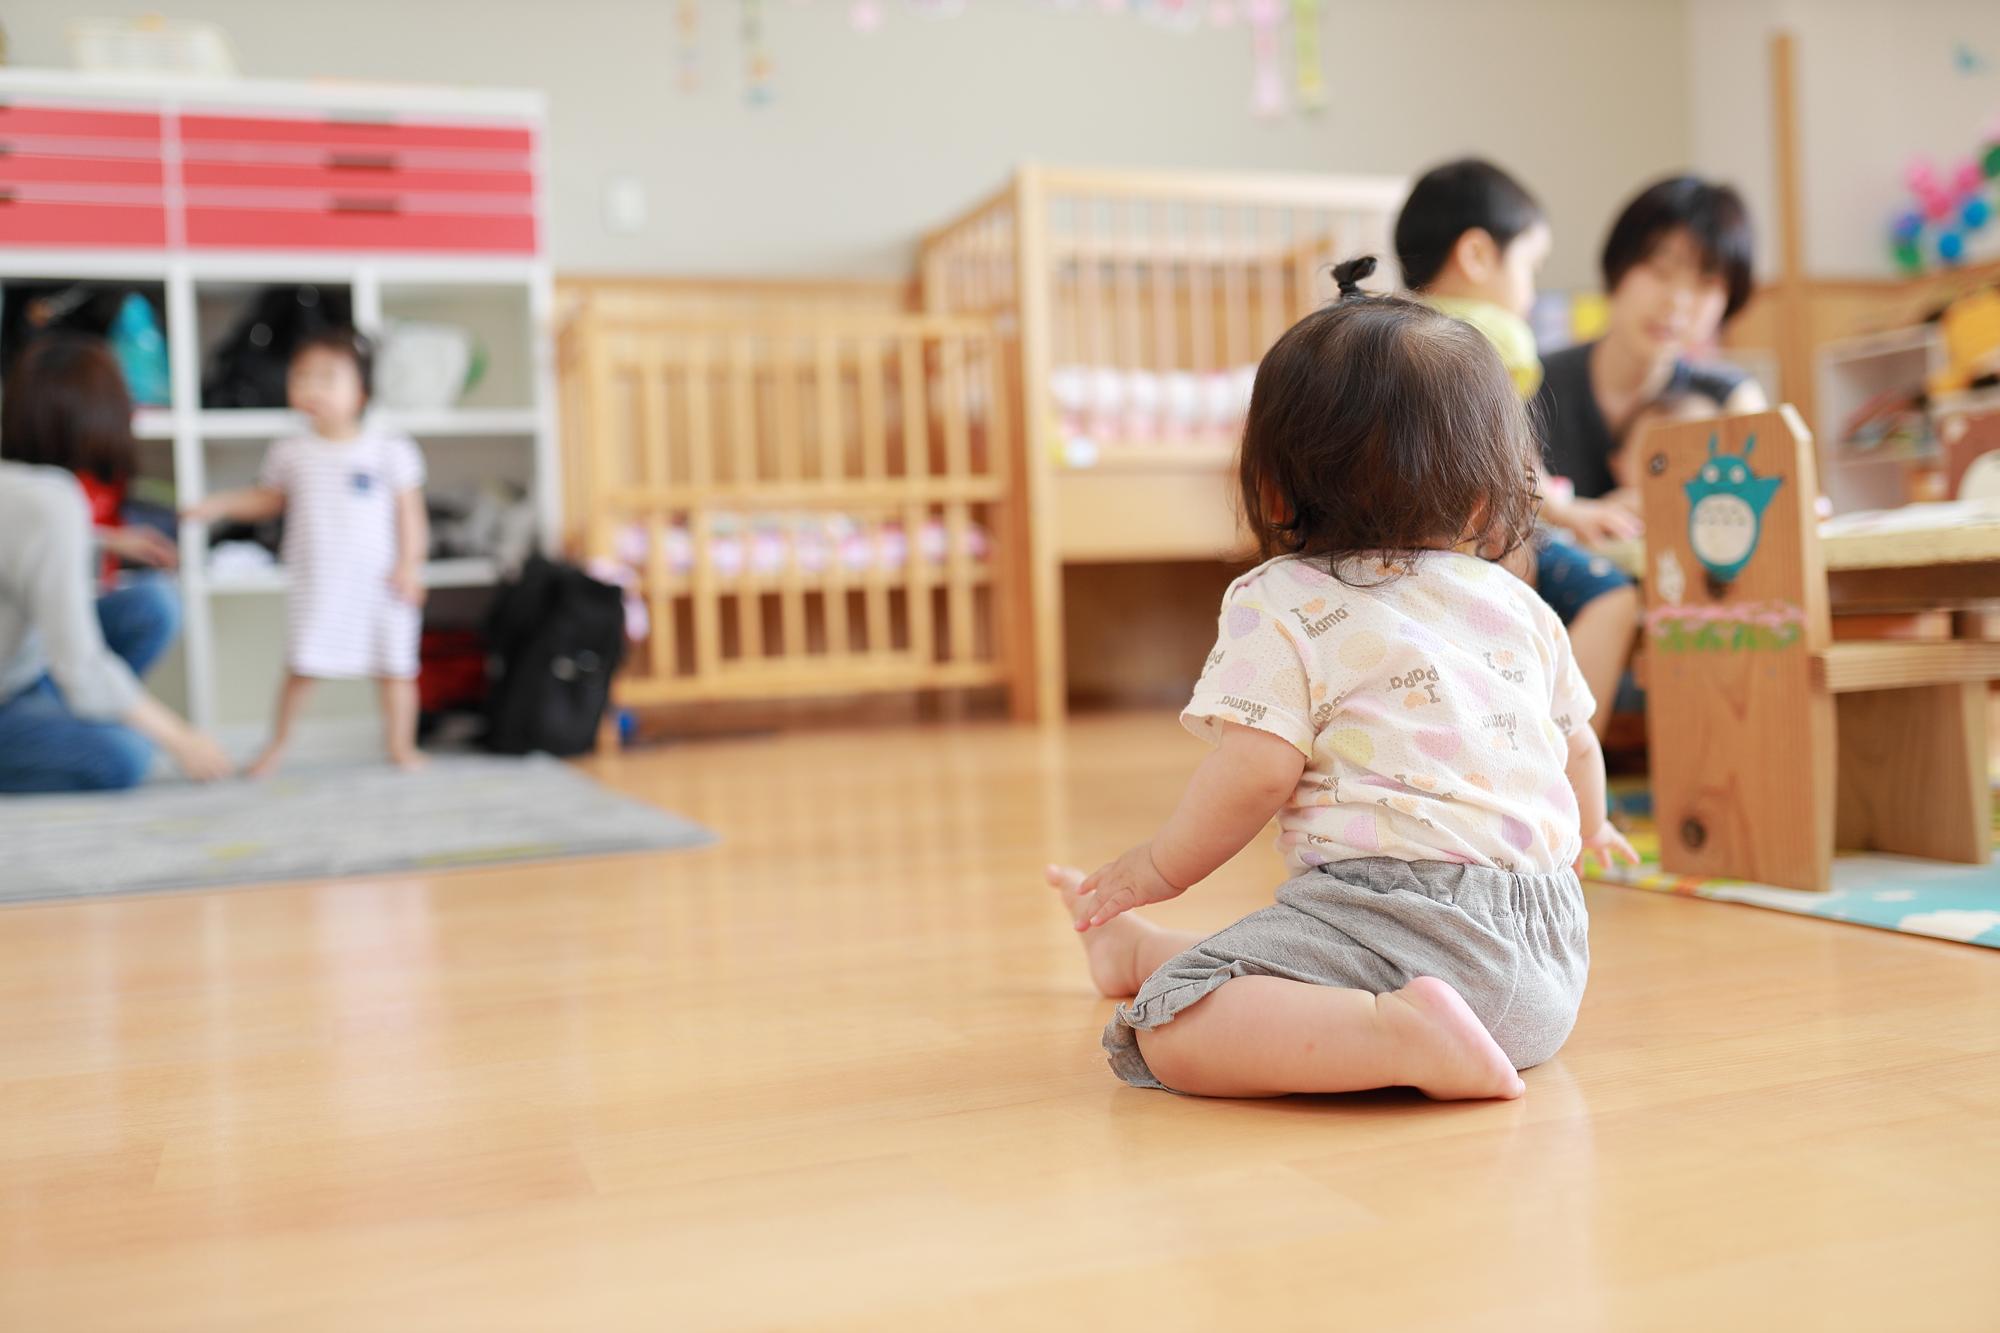 保育園で遊んでいる子ども